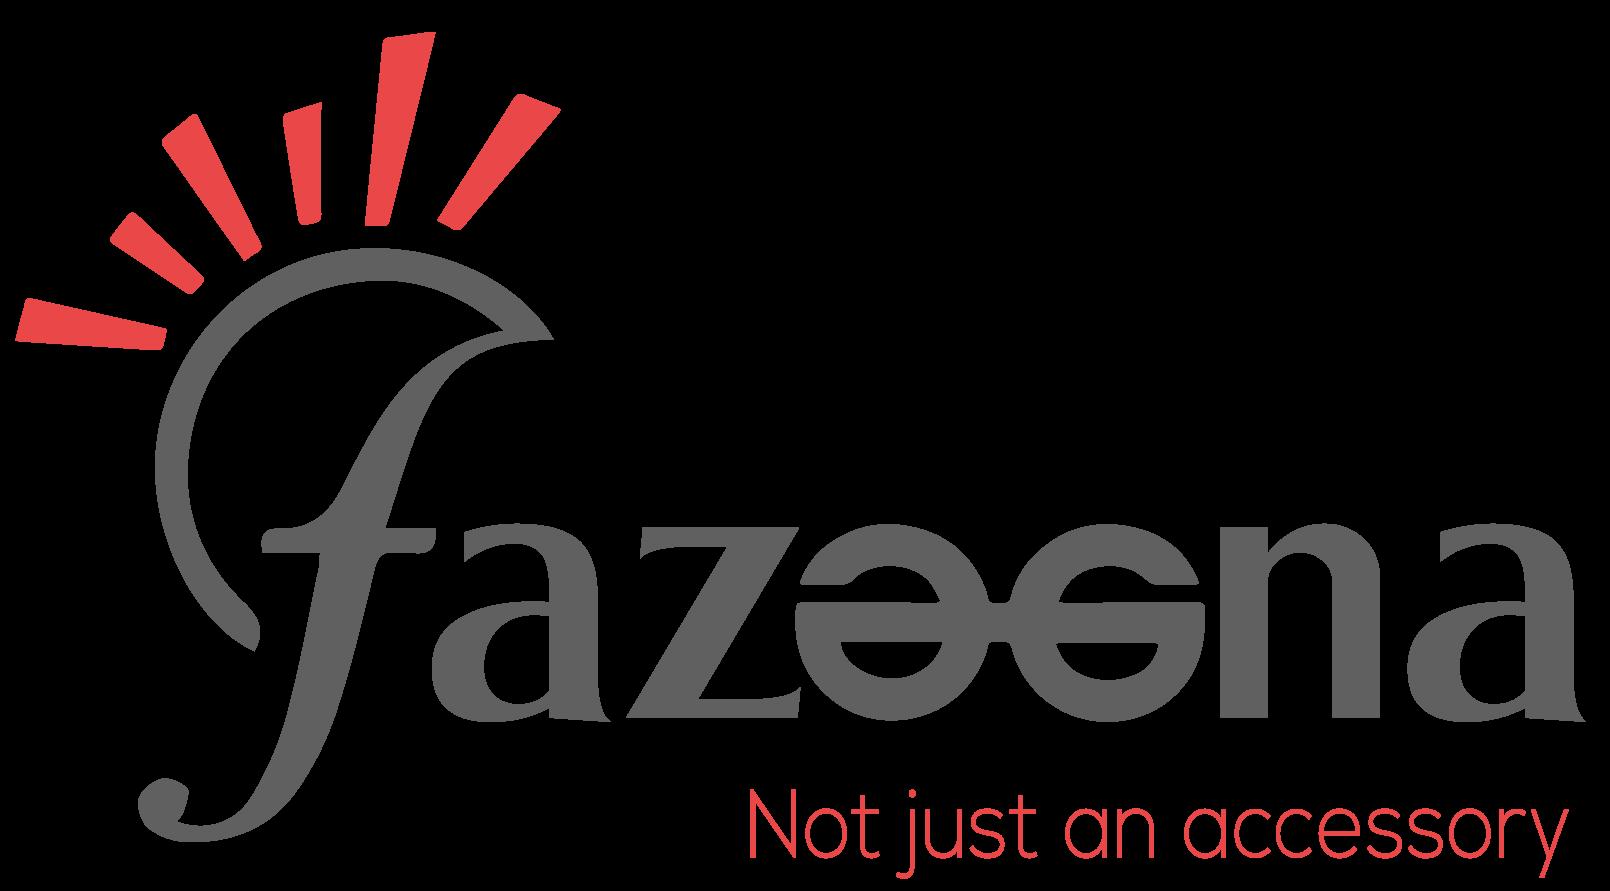 Fazeena